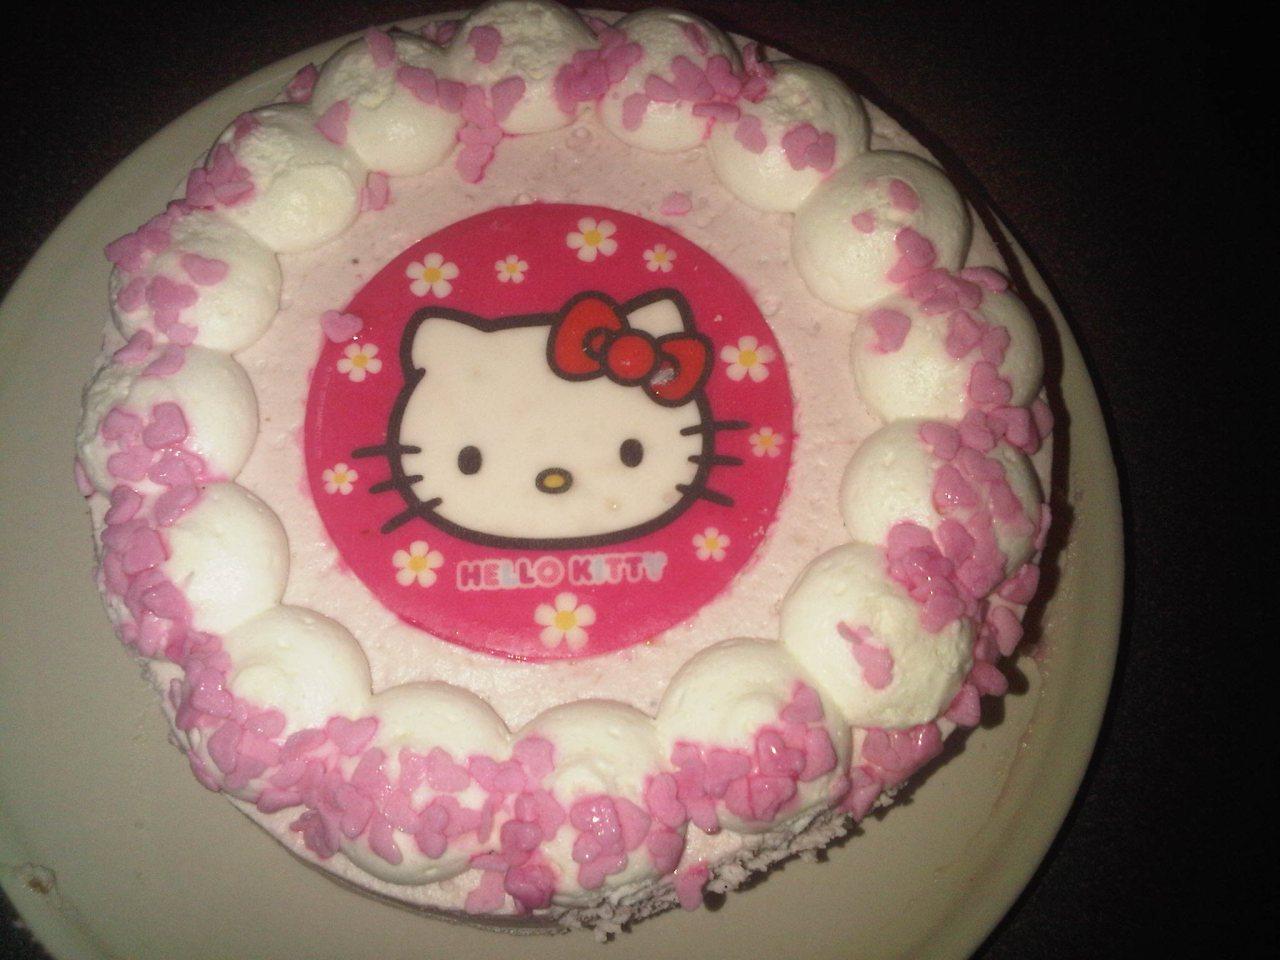 Hello Kitty Erdbeer-Sahne-Torte ausgepackt